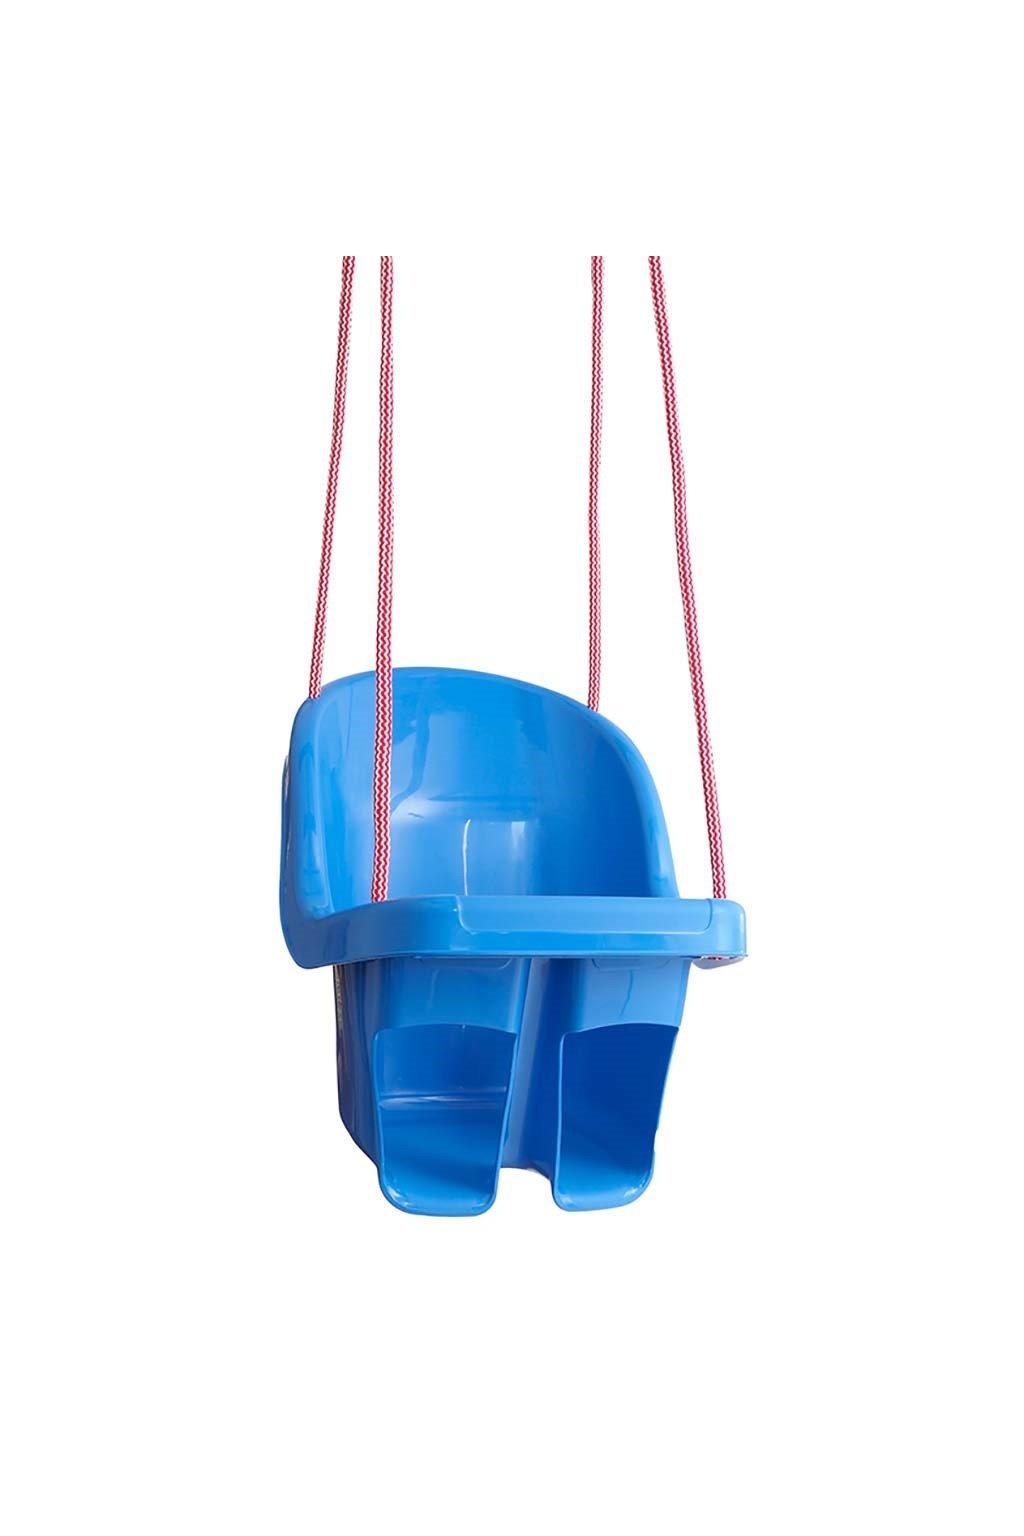 Detská závesná hojdačka Tega modrá